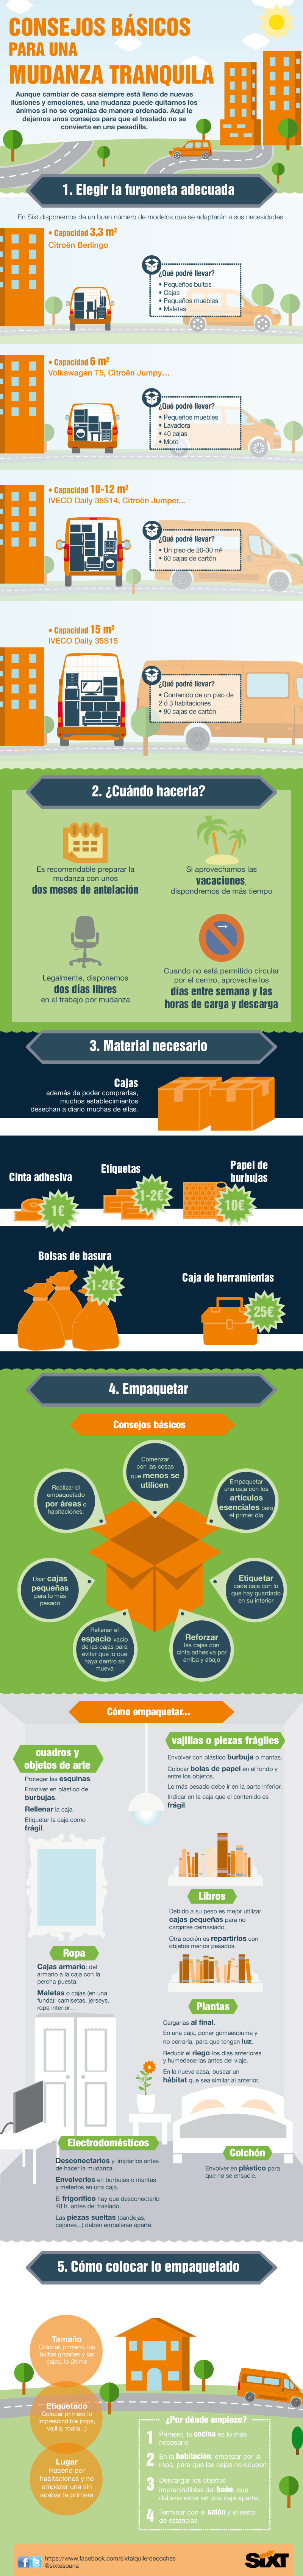 Infografia-consejos-para-mudanzas-en-furgoneta-sixt